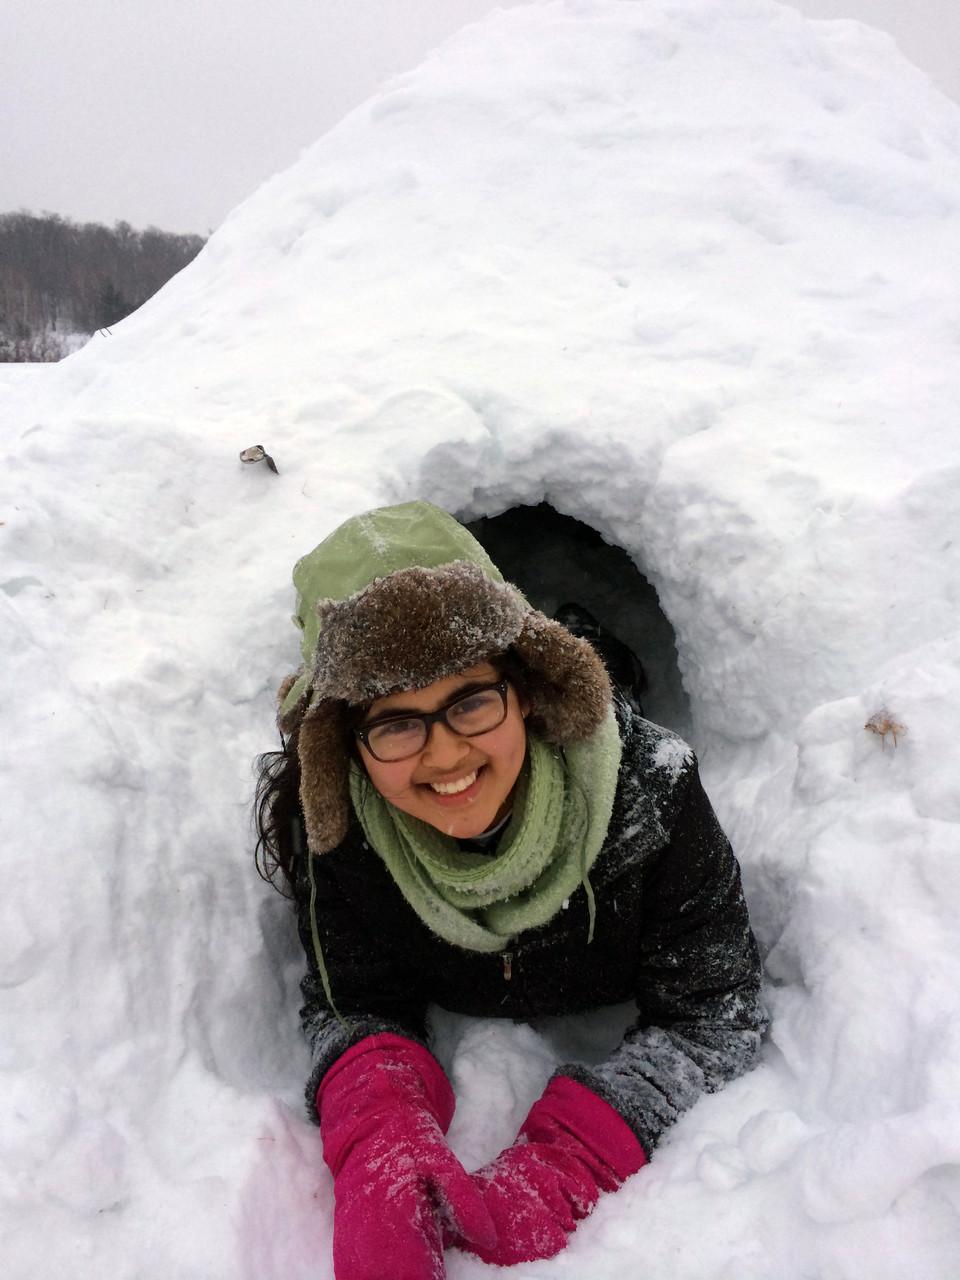 Hutte de neige (Quinzee) construit par les guides en camp d'hiver